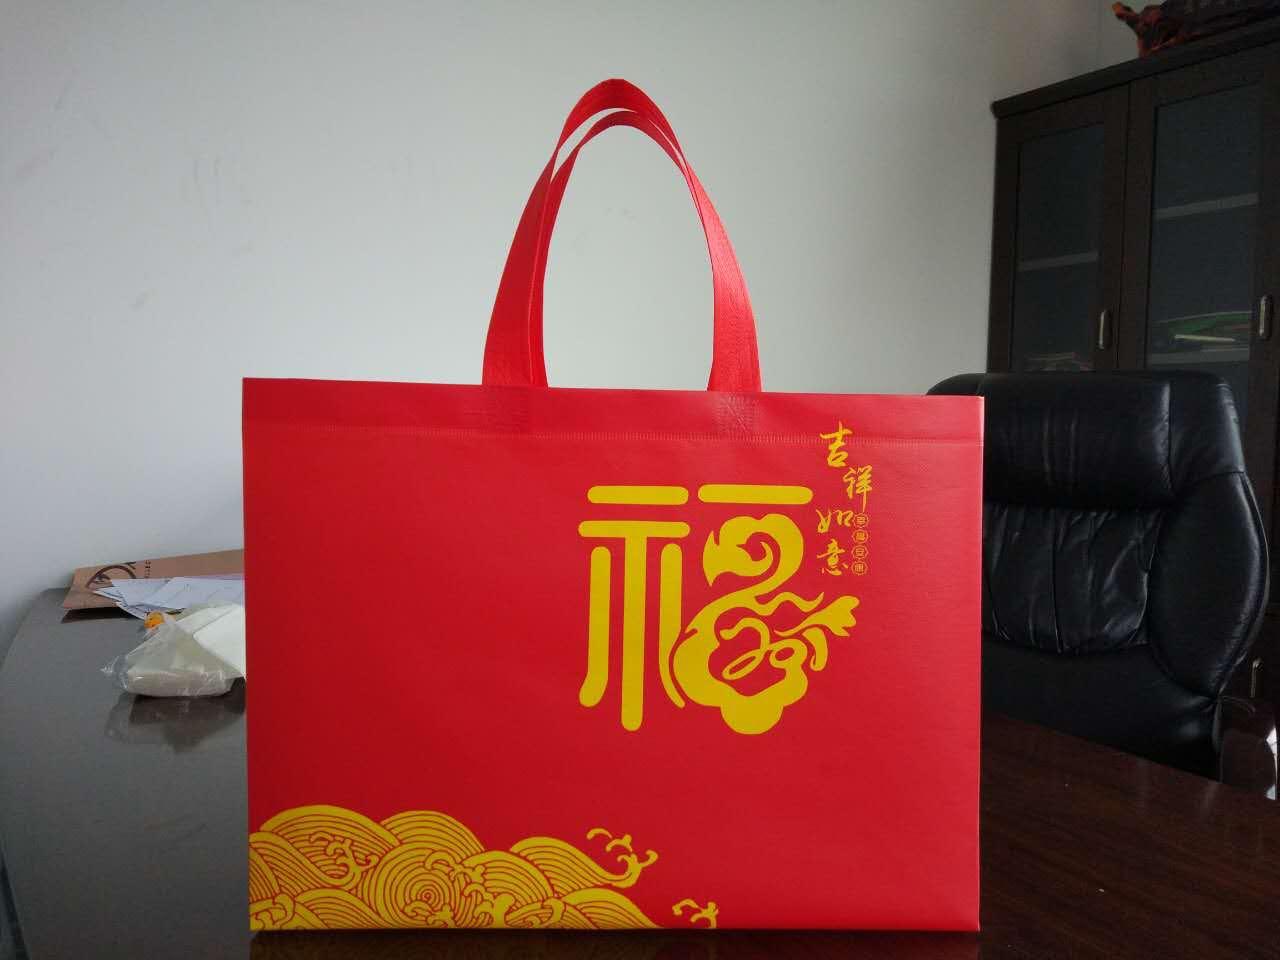 现货供应覆膜无纺布袋环保袋手提覆膜新年礼品袋环保袋节日福袋 现货